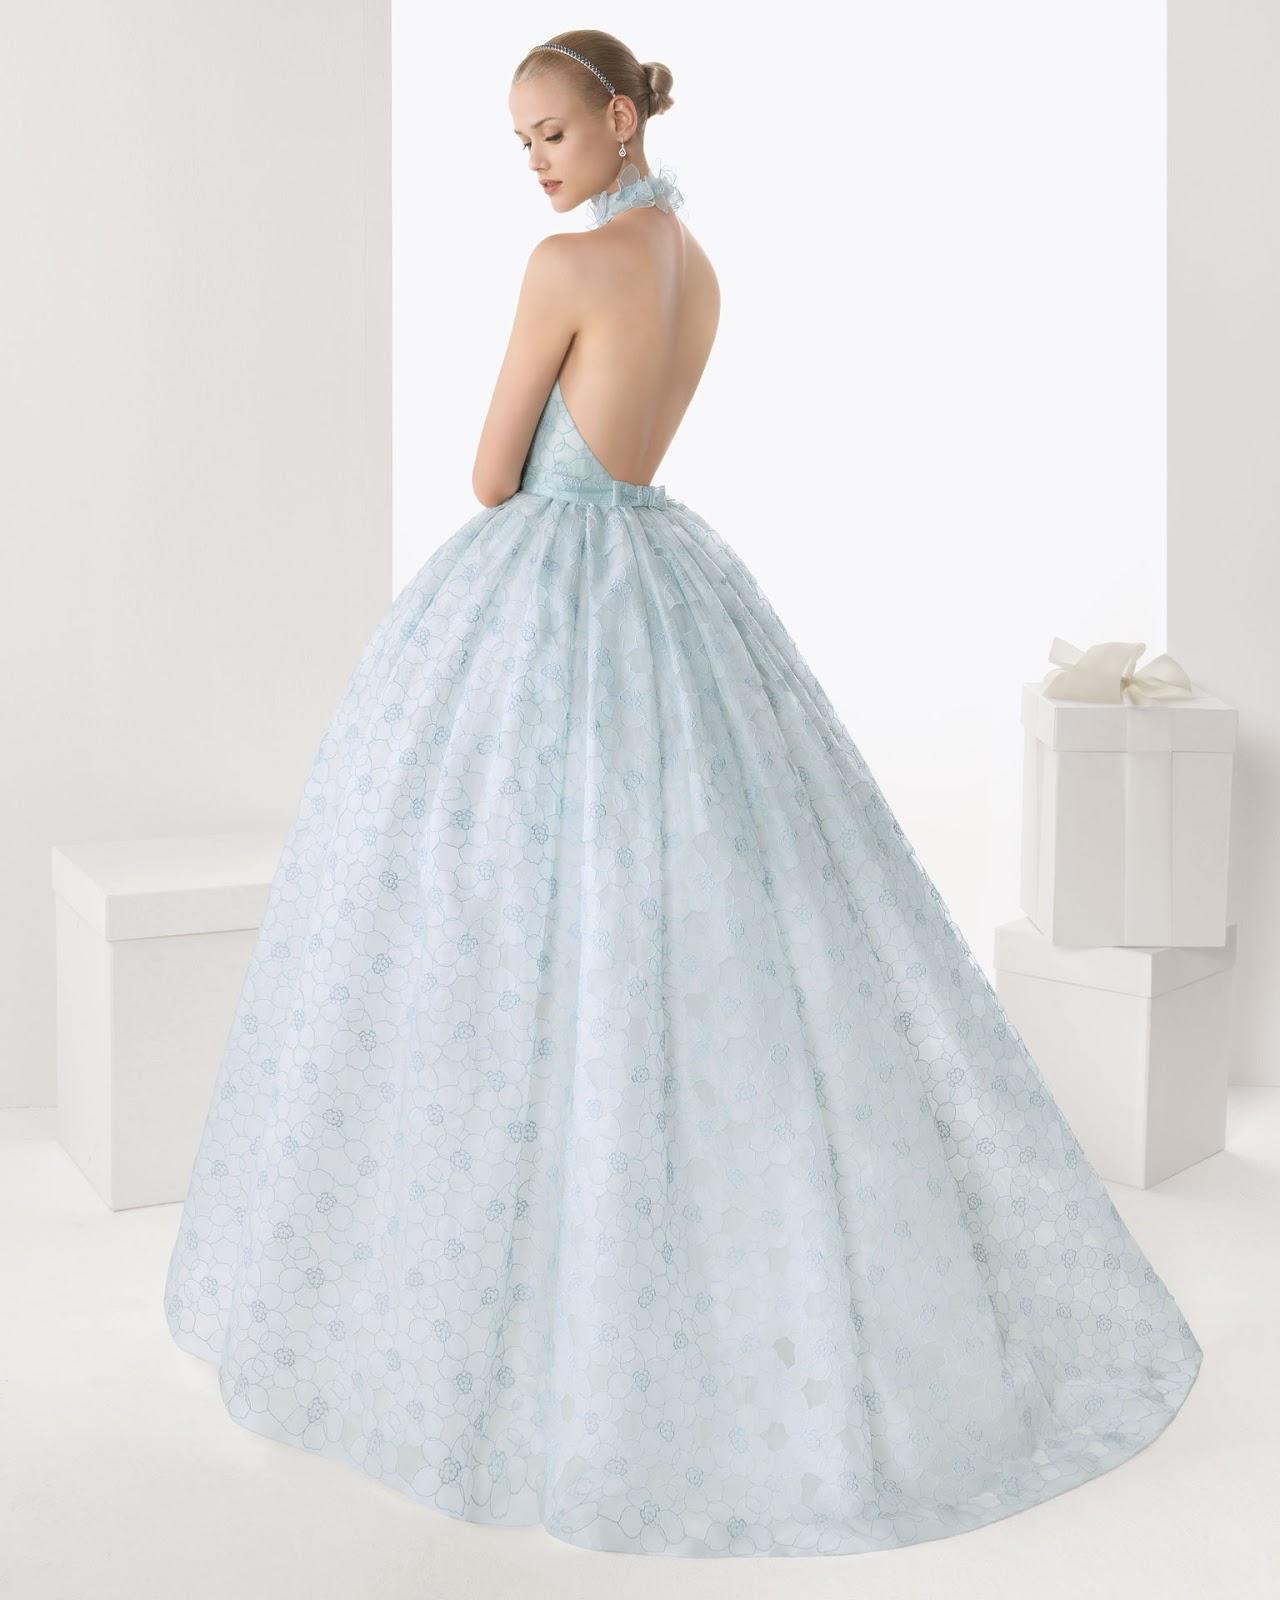 Fantastic Ver Vestidos De Novia Vignette - All Wedding Dresses ...